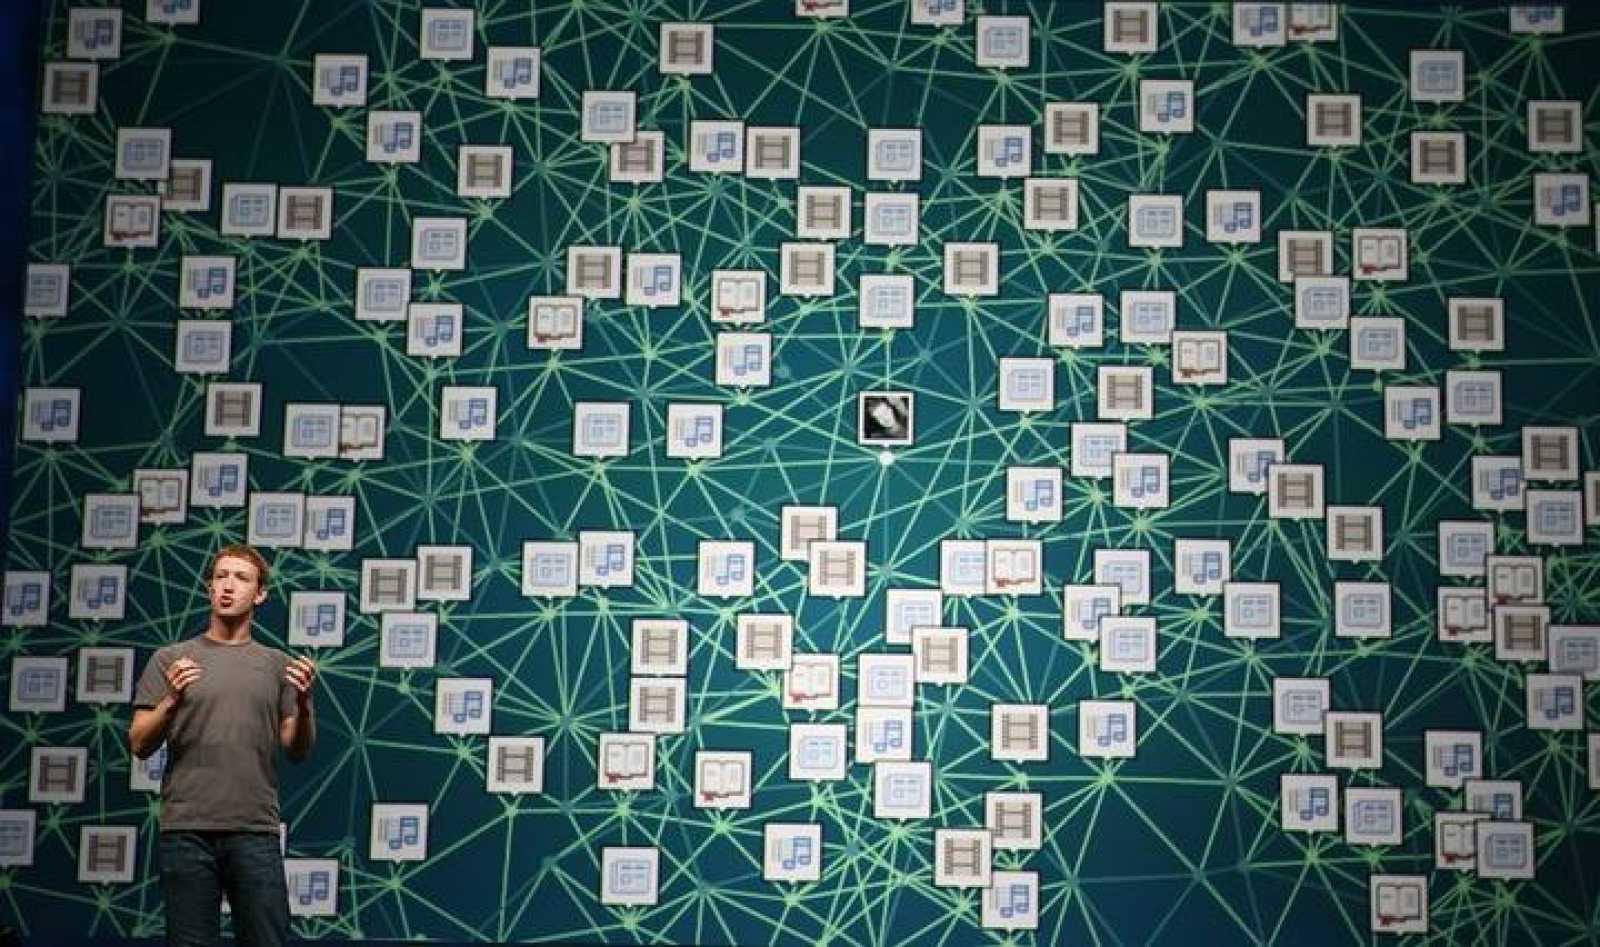 La red social ha superado la barrera de los 800 millones de usuarios en todo el mundo